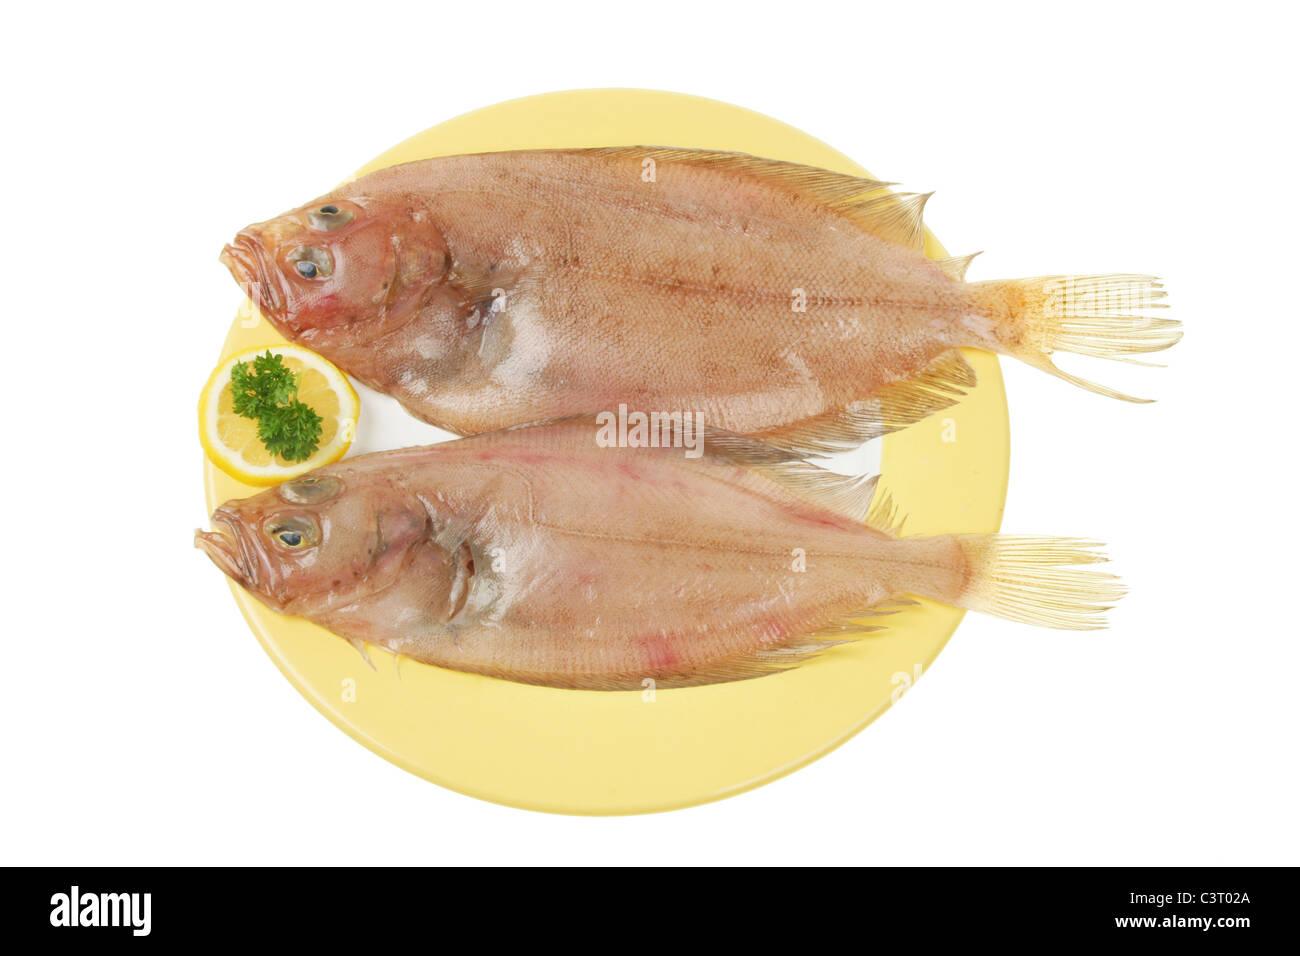 Due Fresche Di Rombo Giallo Pesce Piatto Unico Su Una Piastra